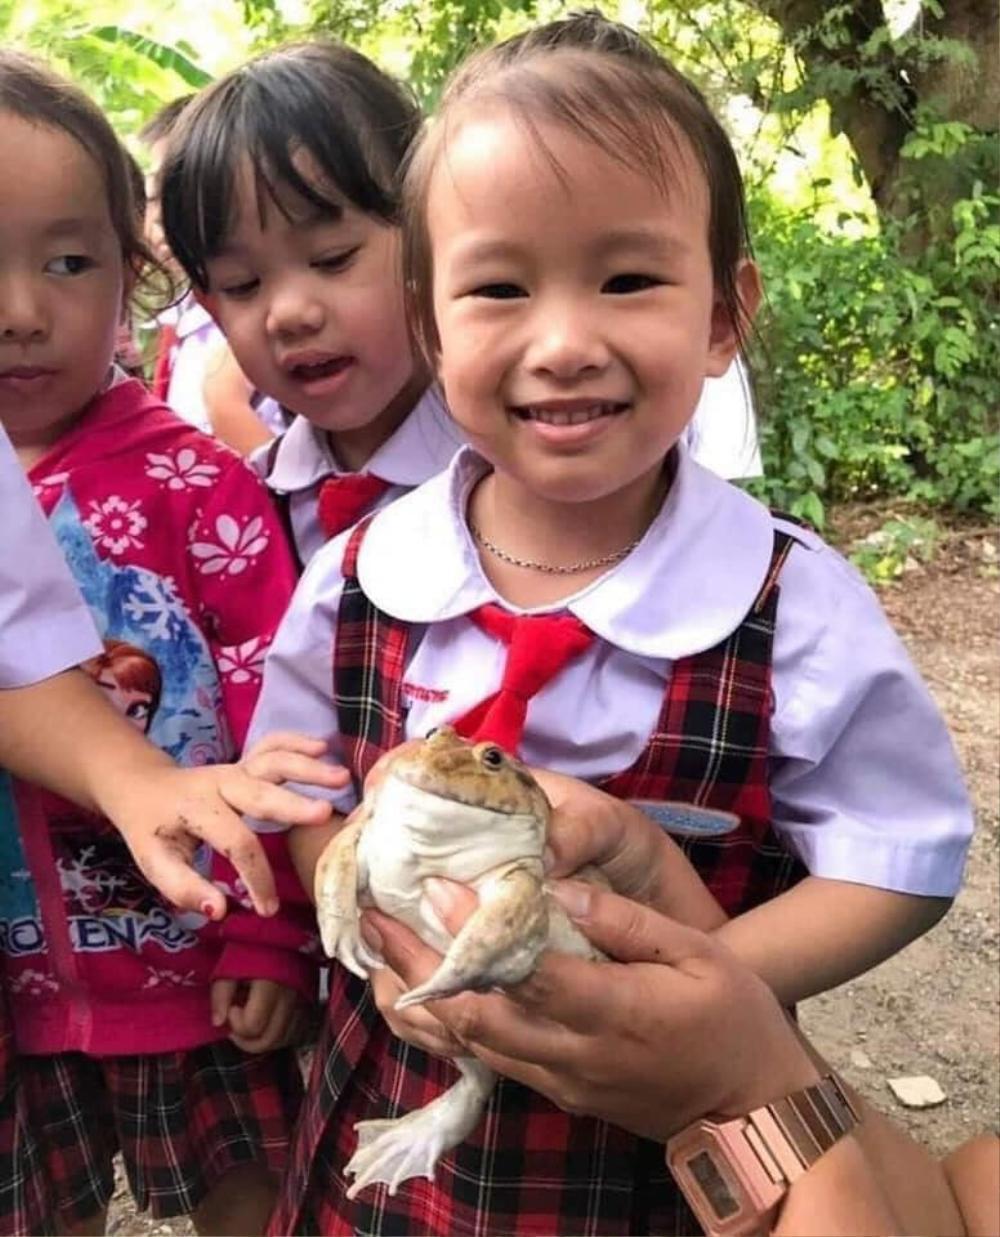 Học trò hào hứng với buổi ngoại khóa ở trại ếch, loạt ảnh cuối ghi lại kết cục bất ngờ của loài lưỡng cư Ảnh 10